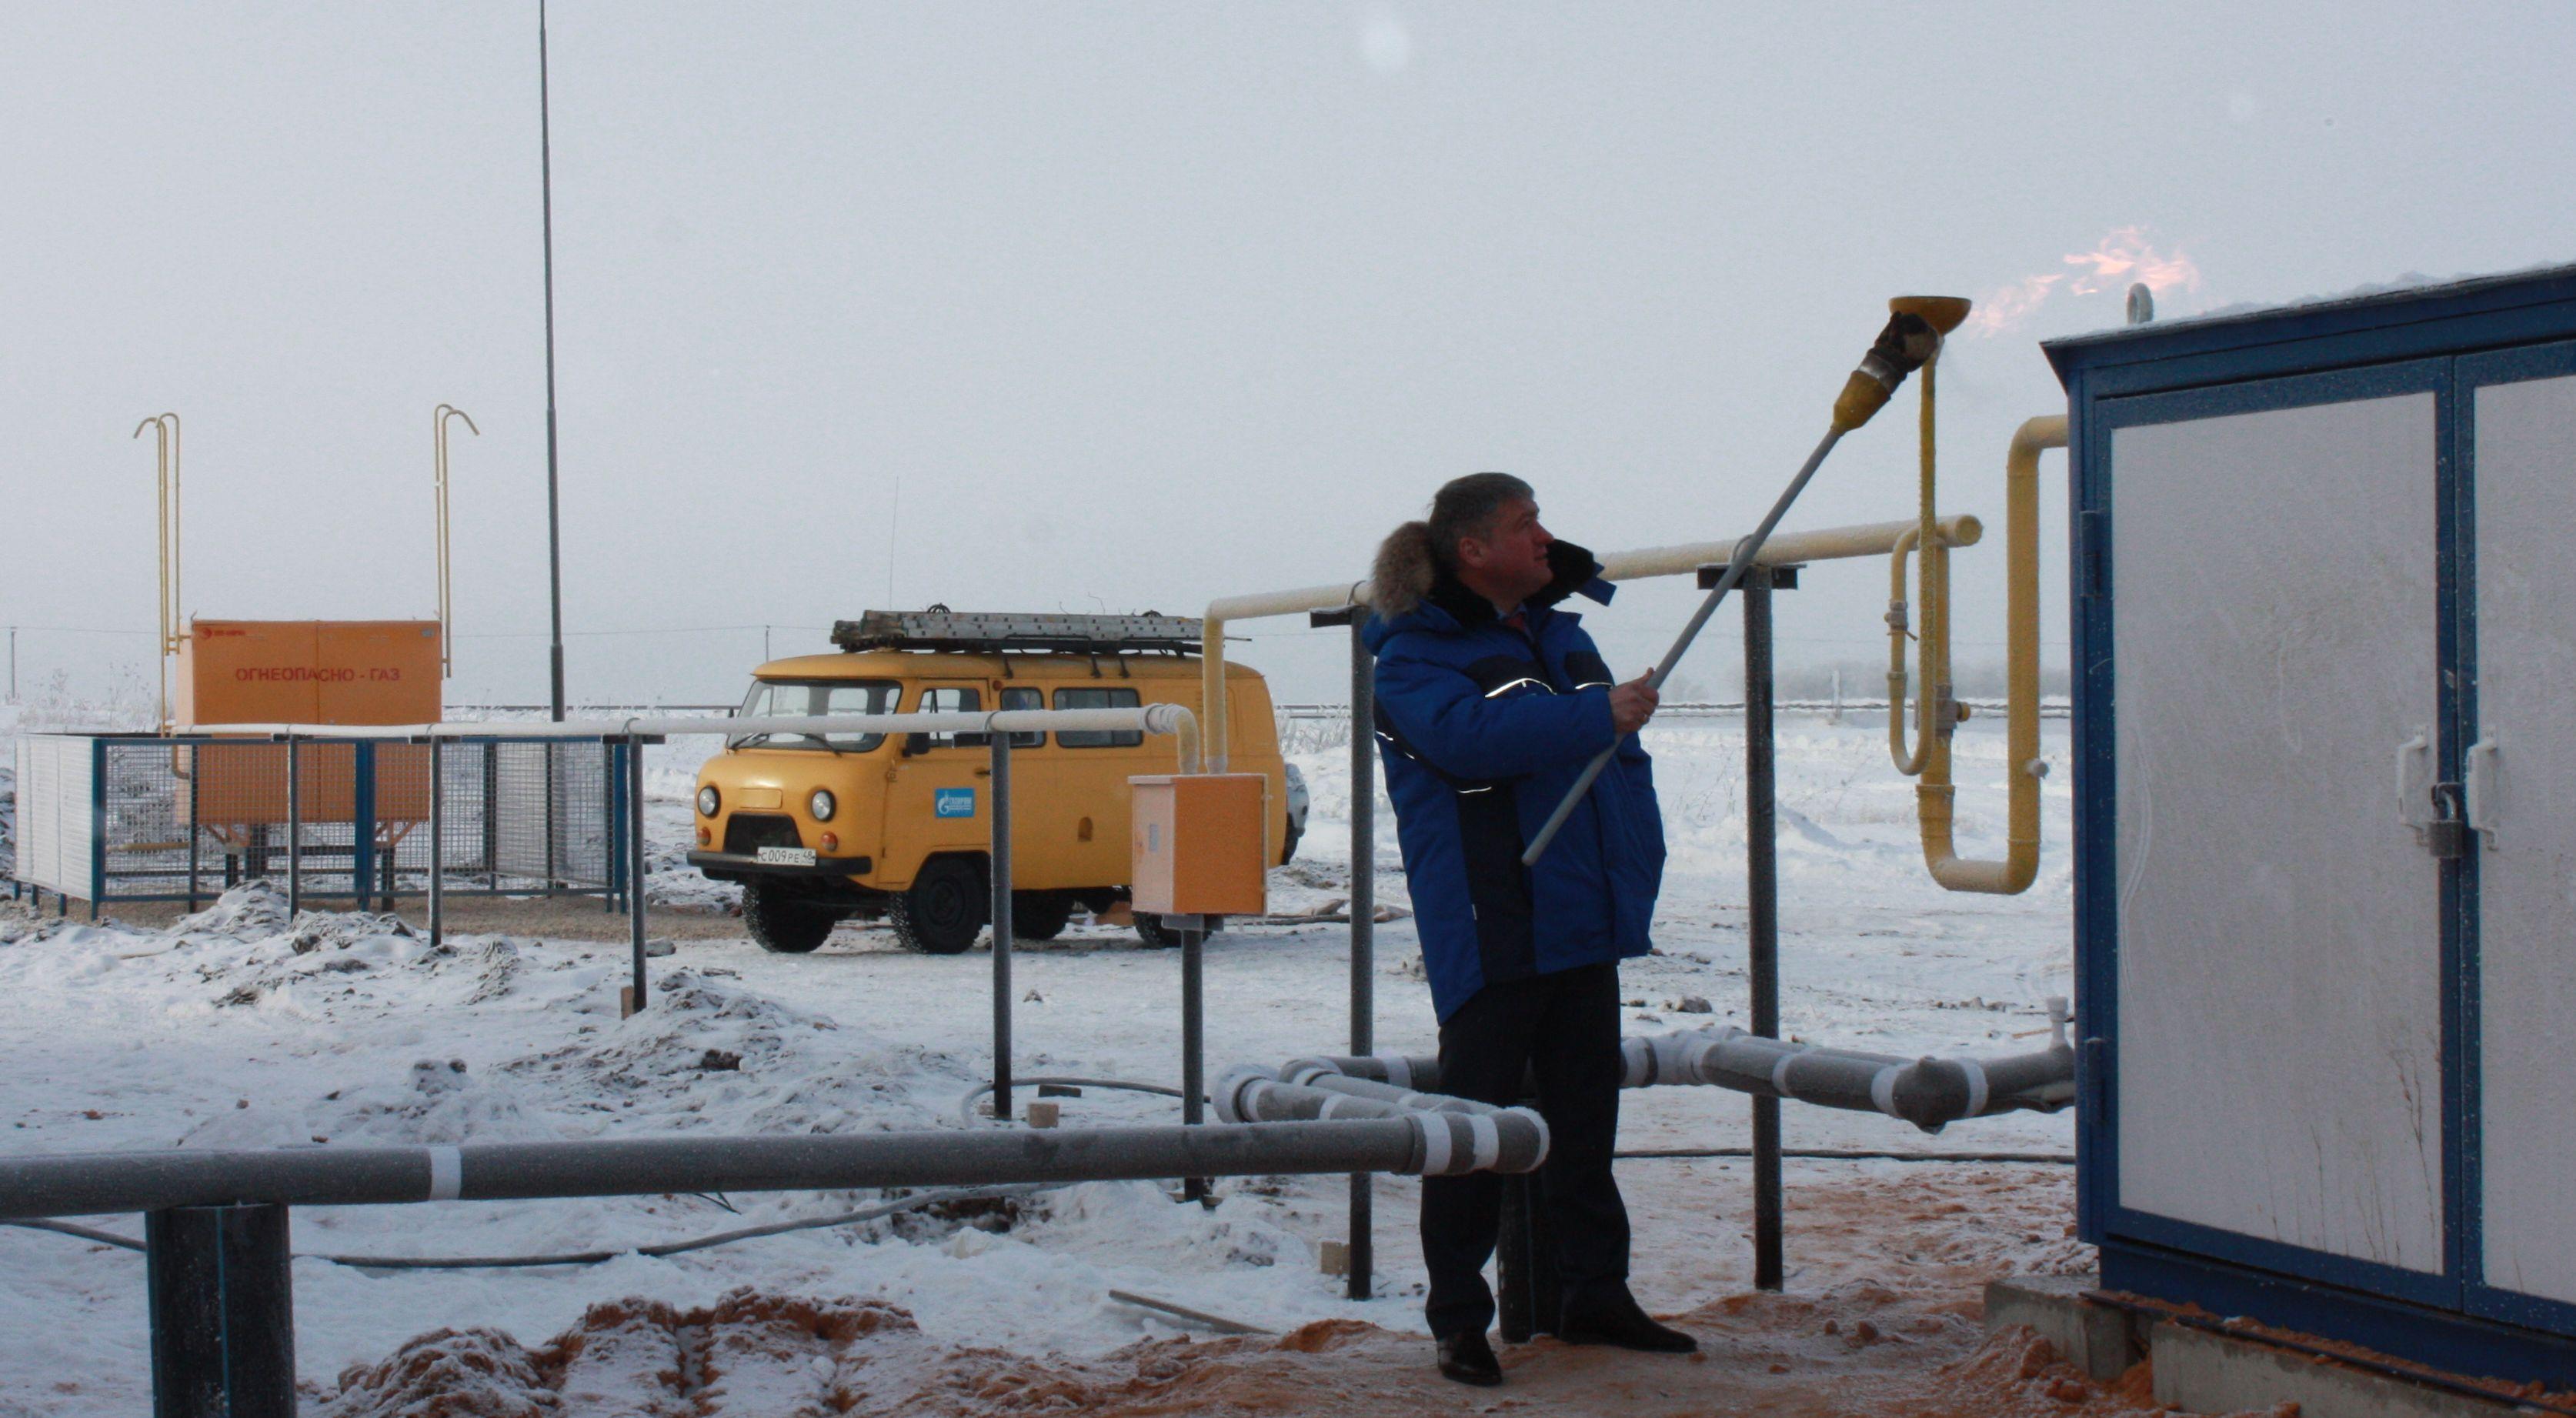 октябрьский нефтяной техникум бланк для поступления